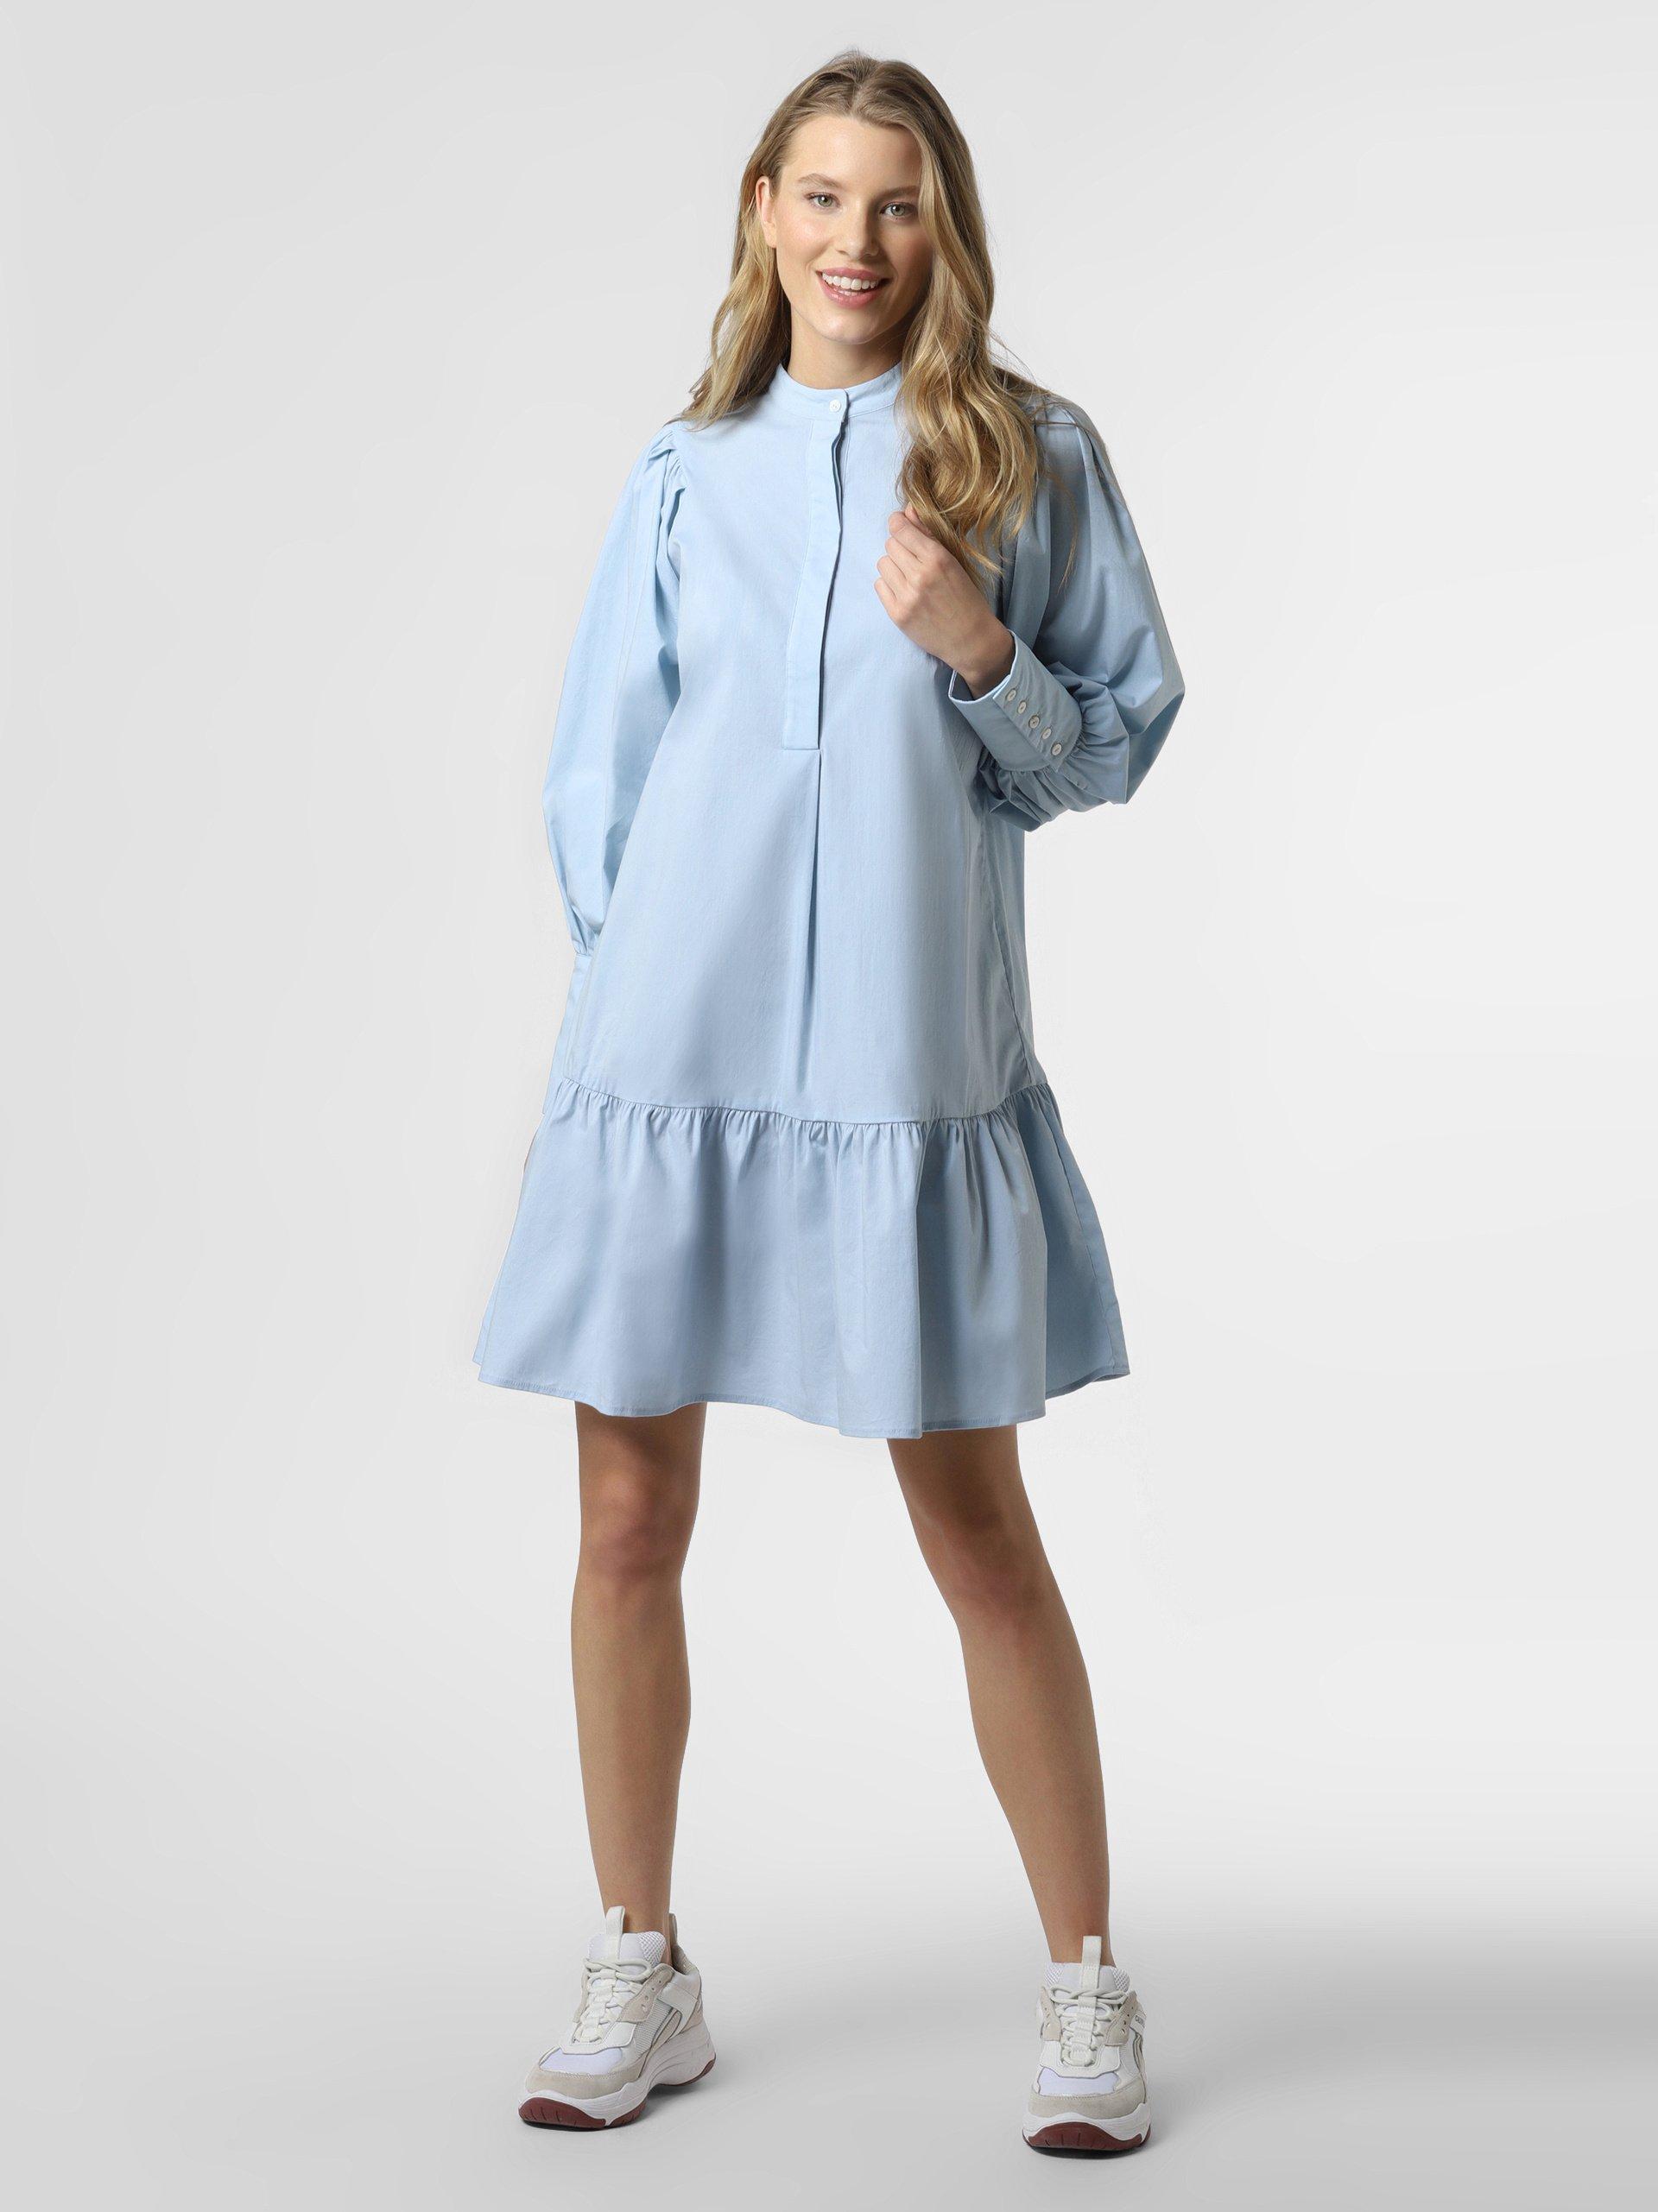 y.a.s damen kleid - yasmigger online kaufen   vangraaf